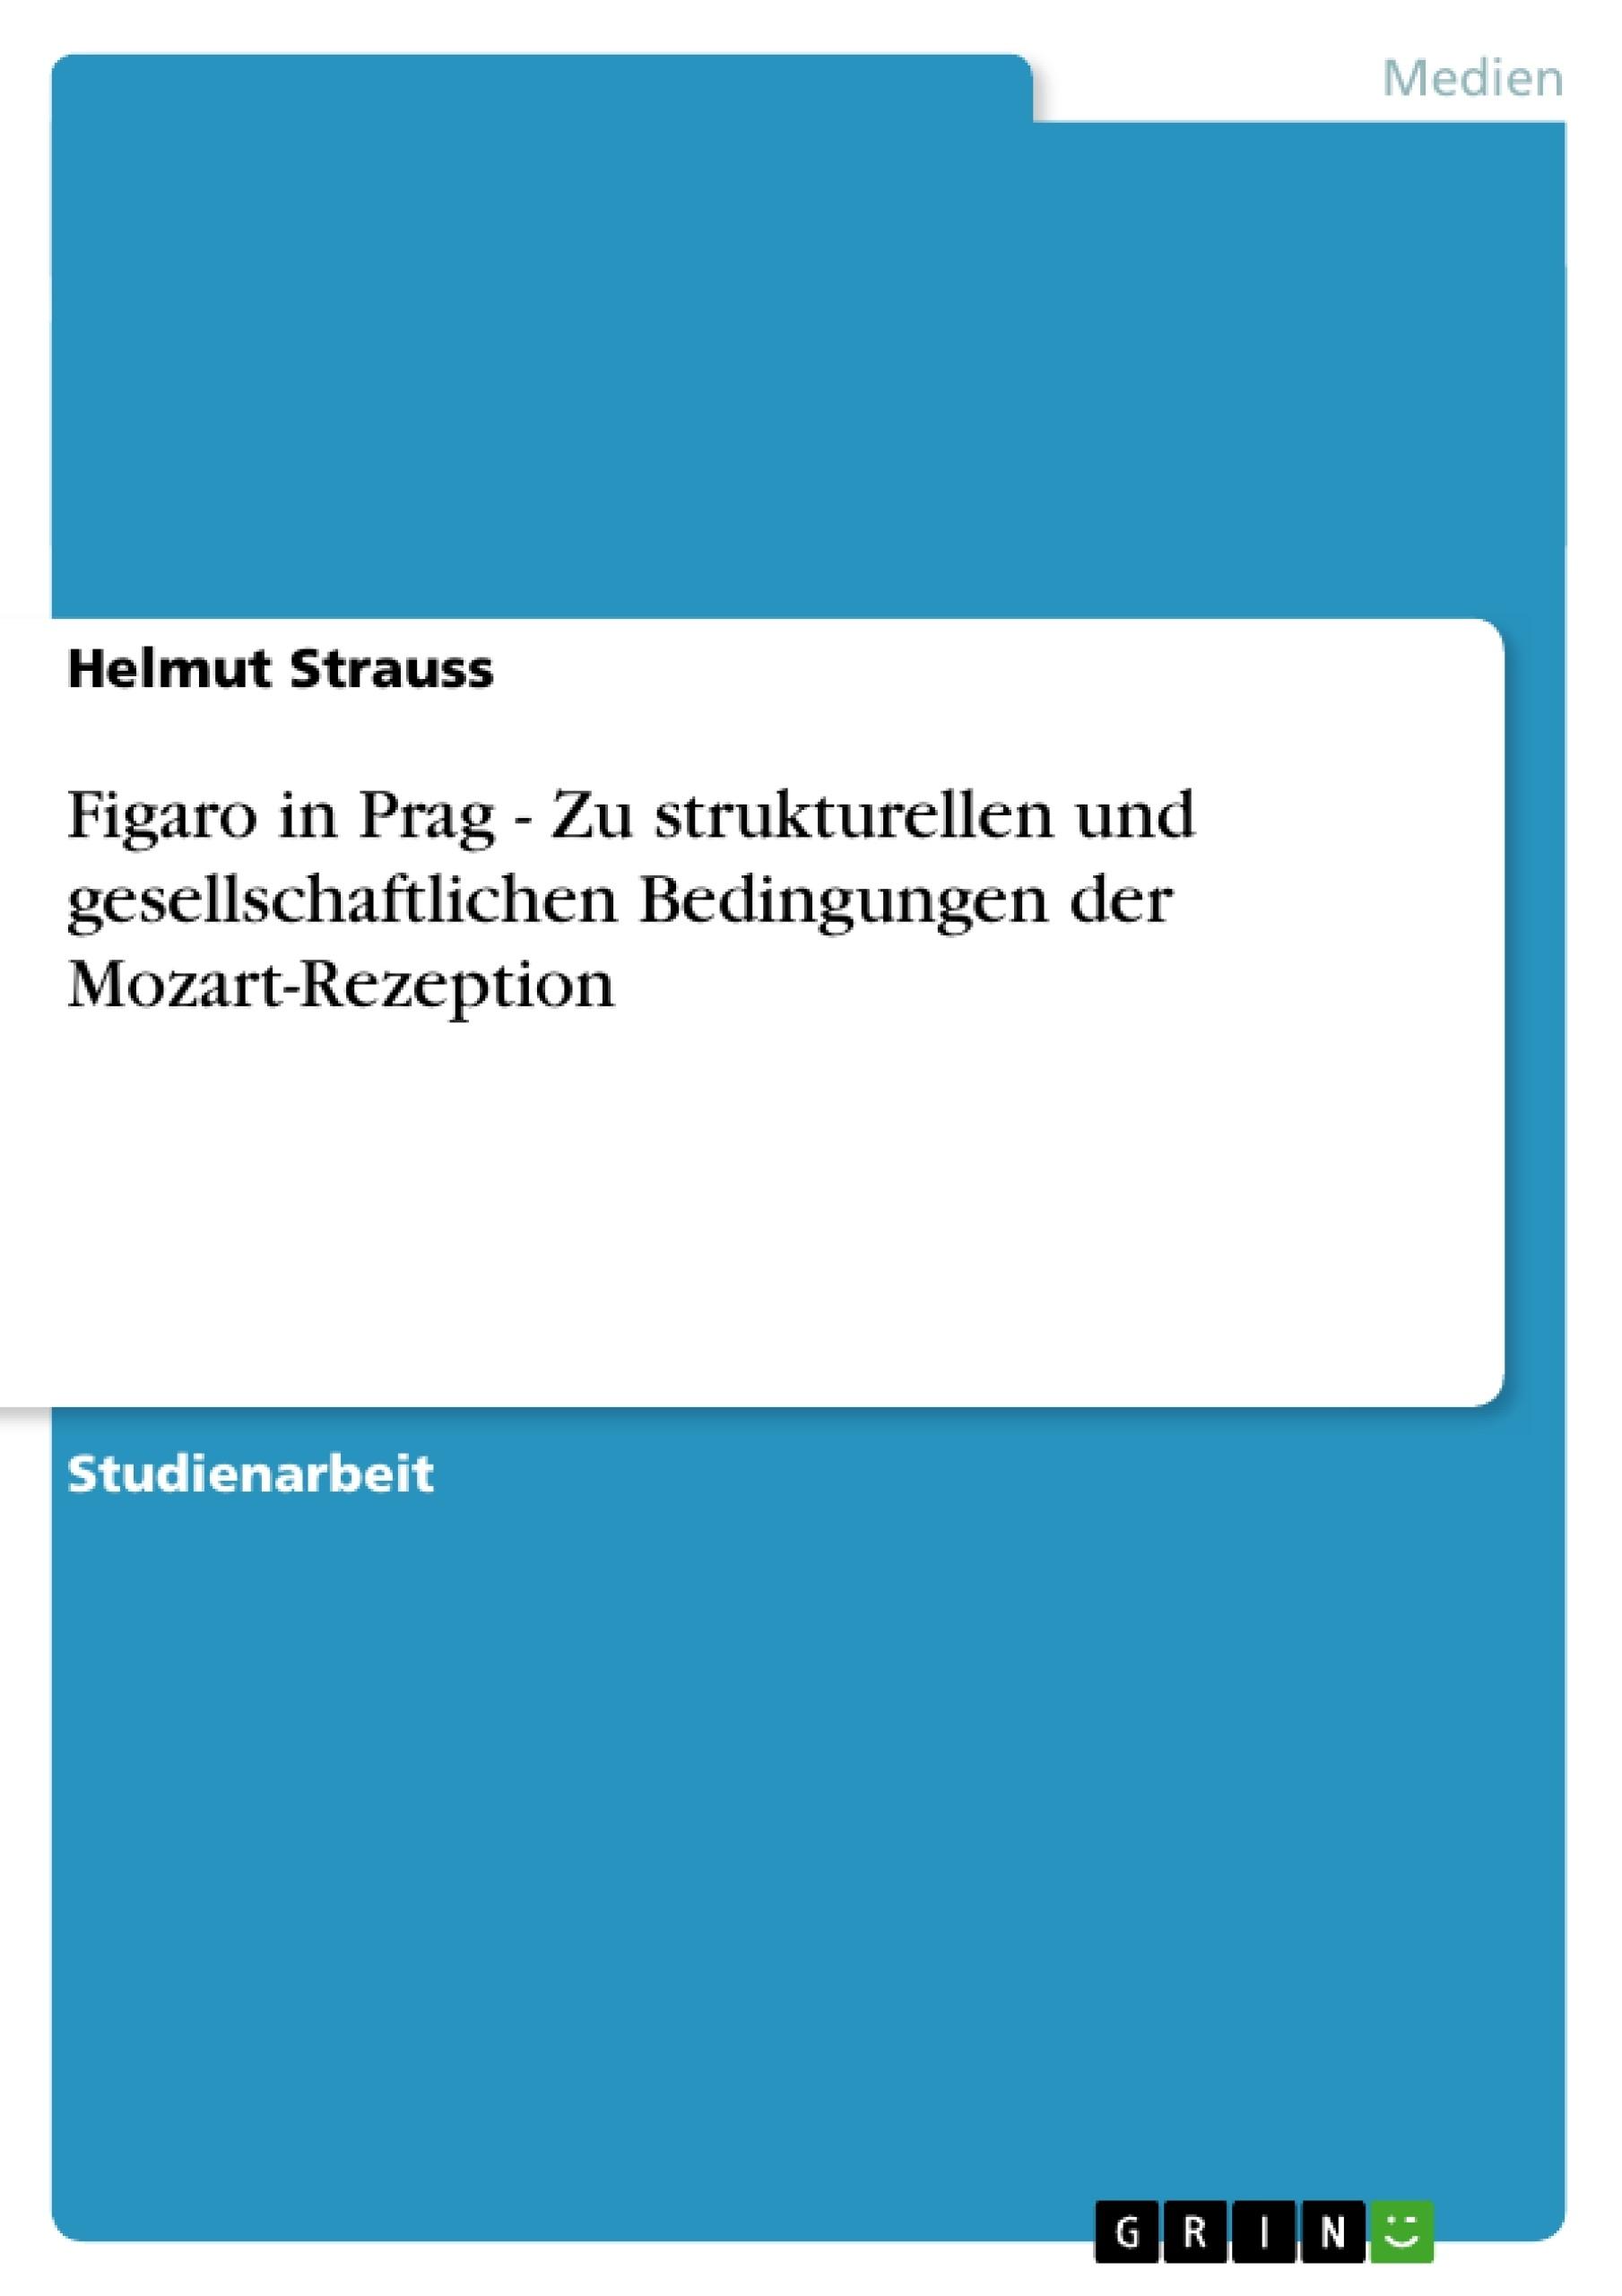 Titel: Figaro in Prag - Zu strukturellen und gesellschaftlichen Bedingungen der Mozart-Rezeption